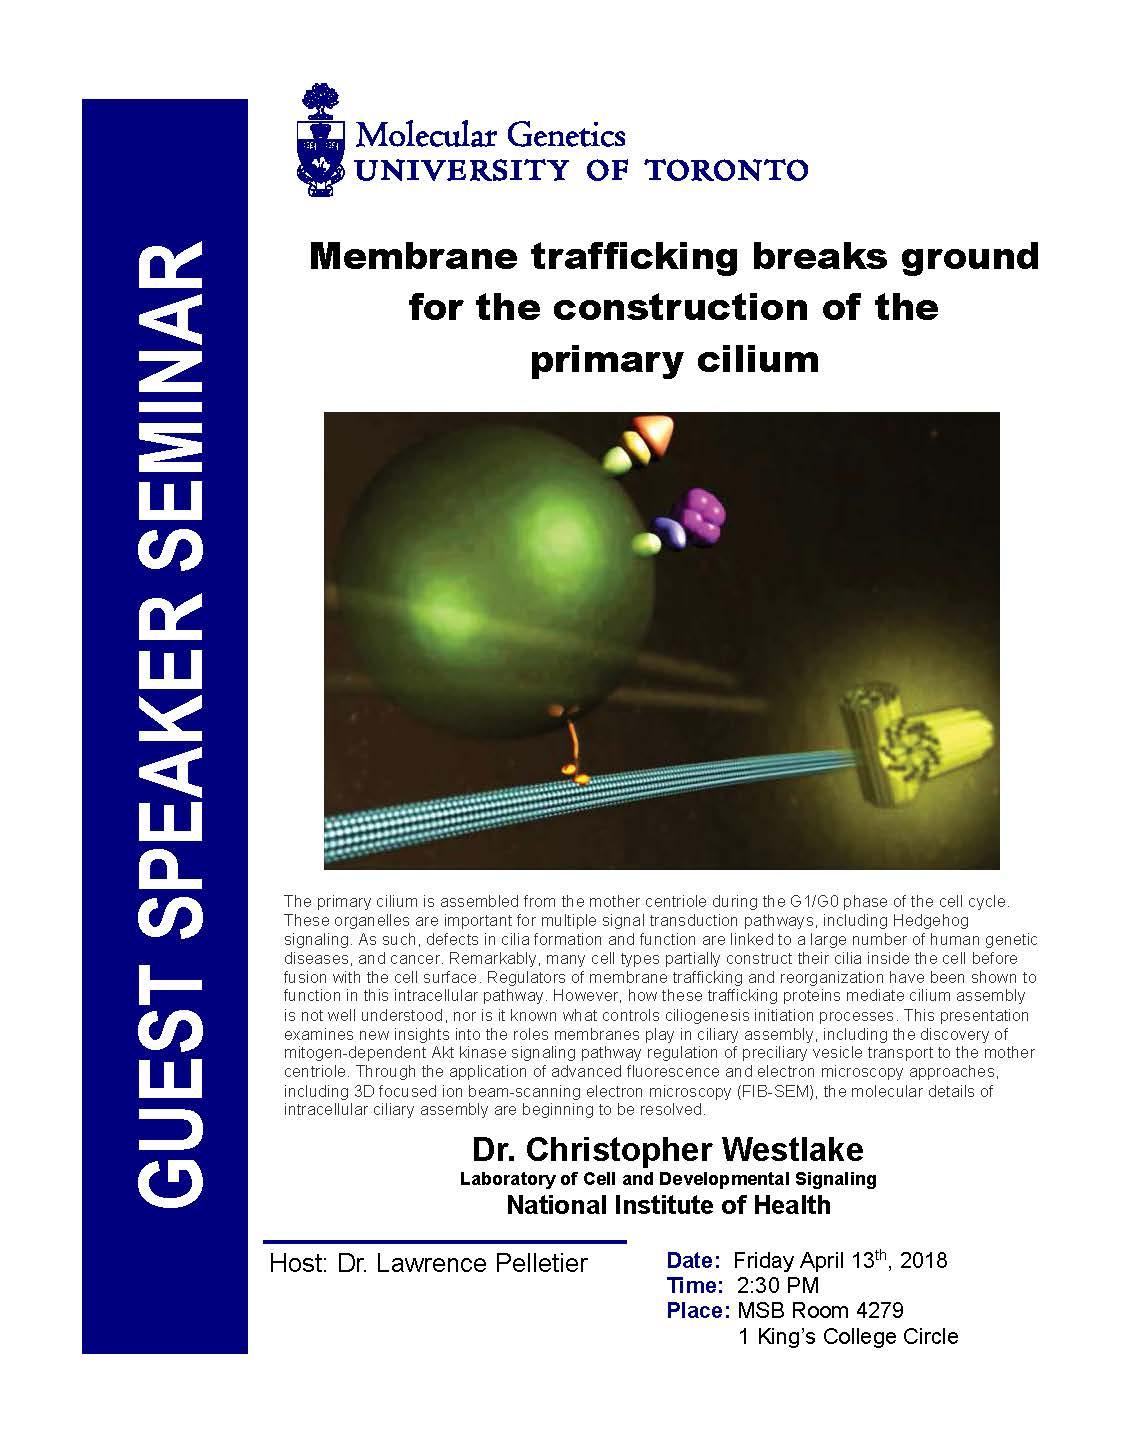 Westlake Poster.jpg